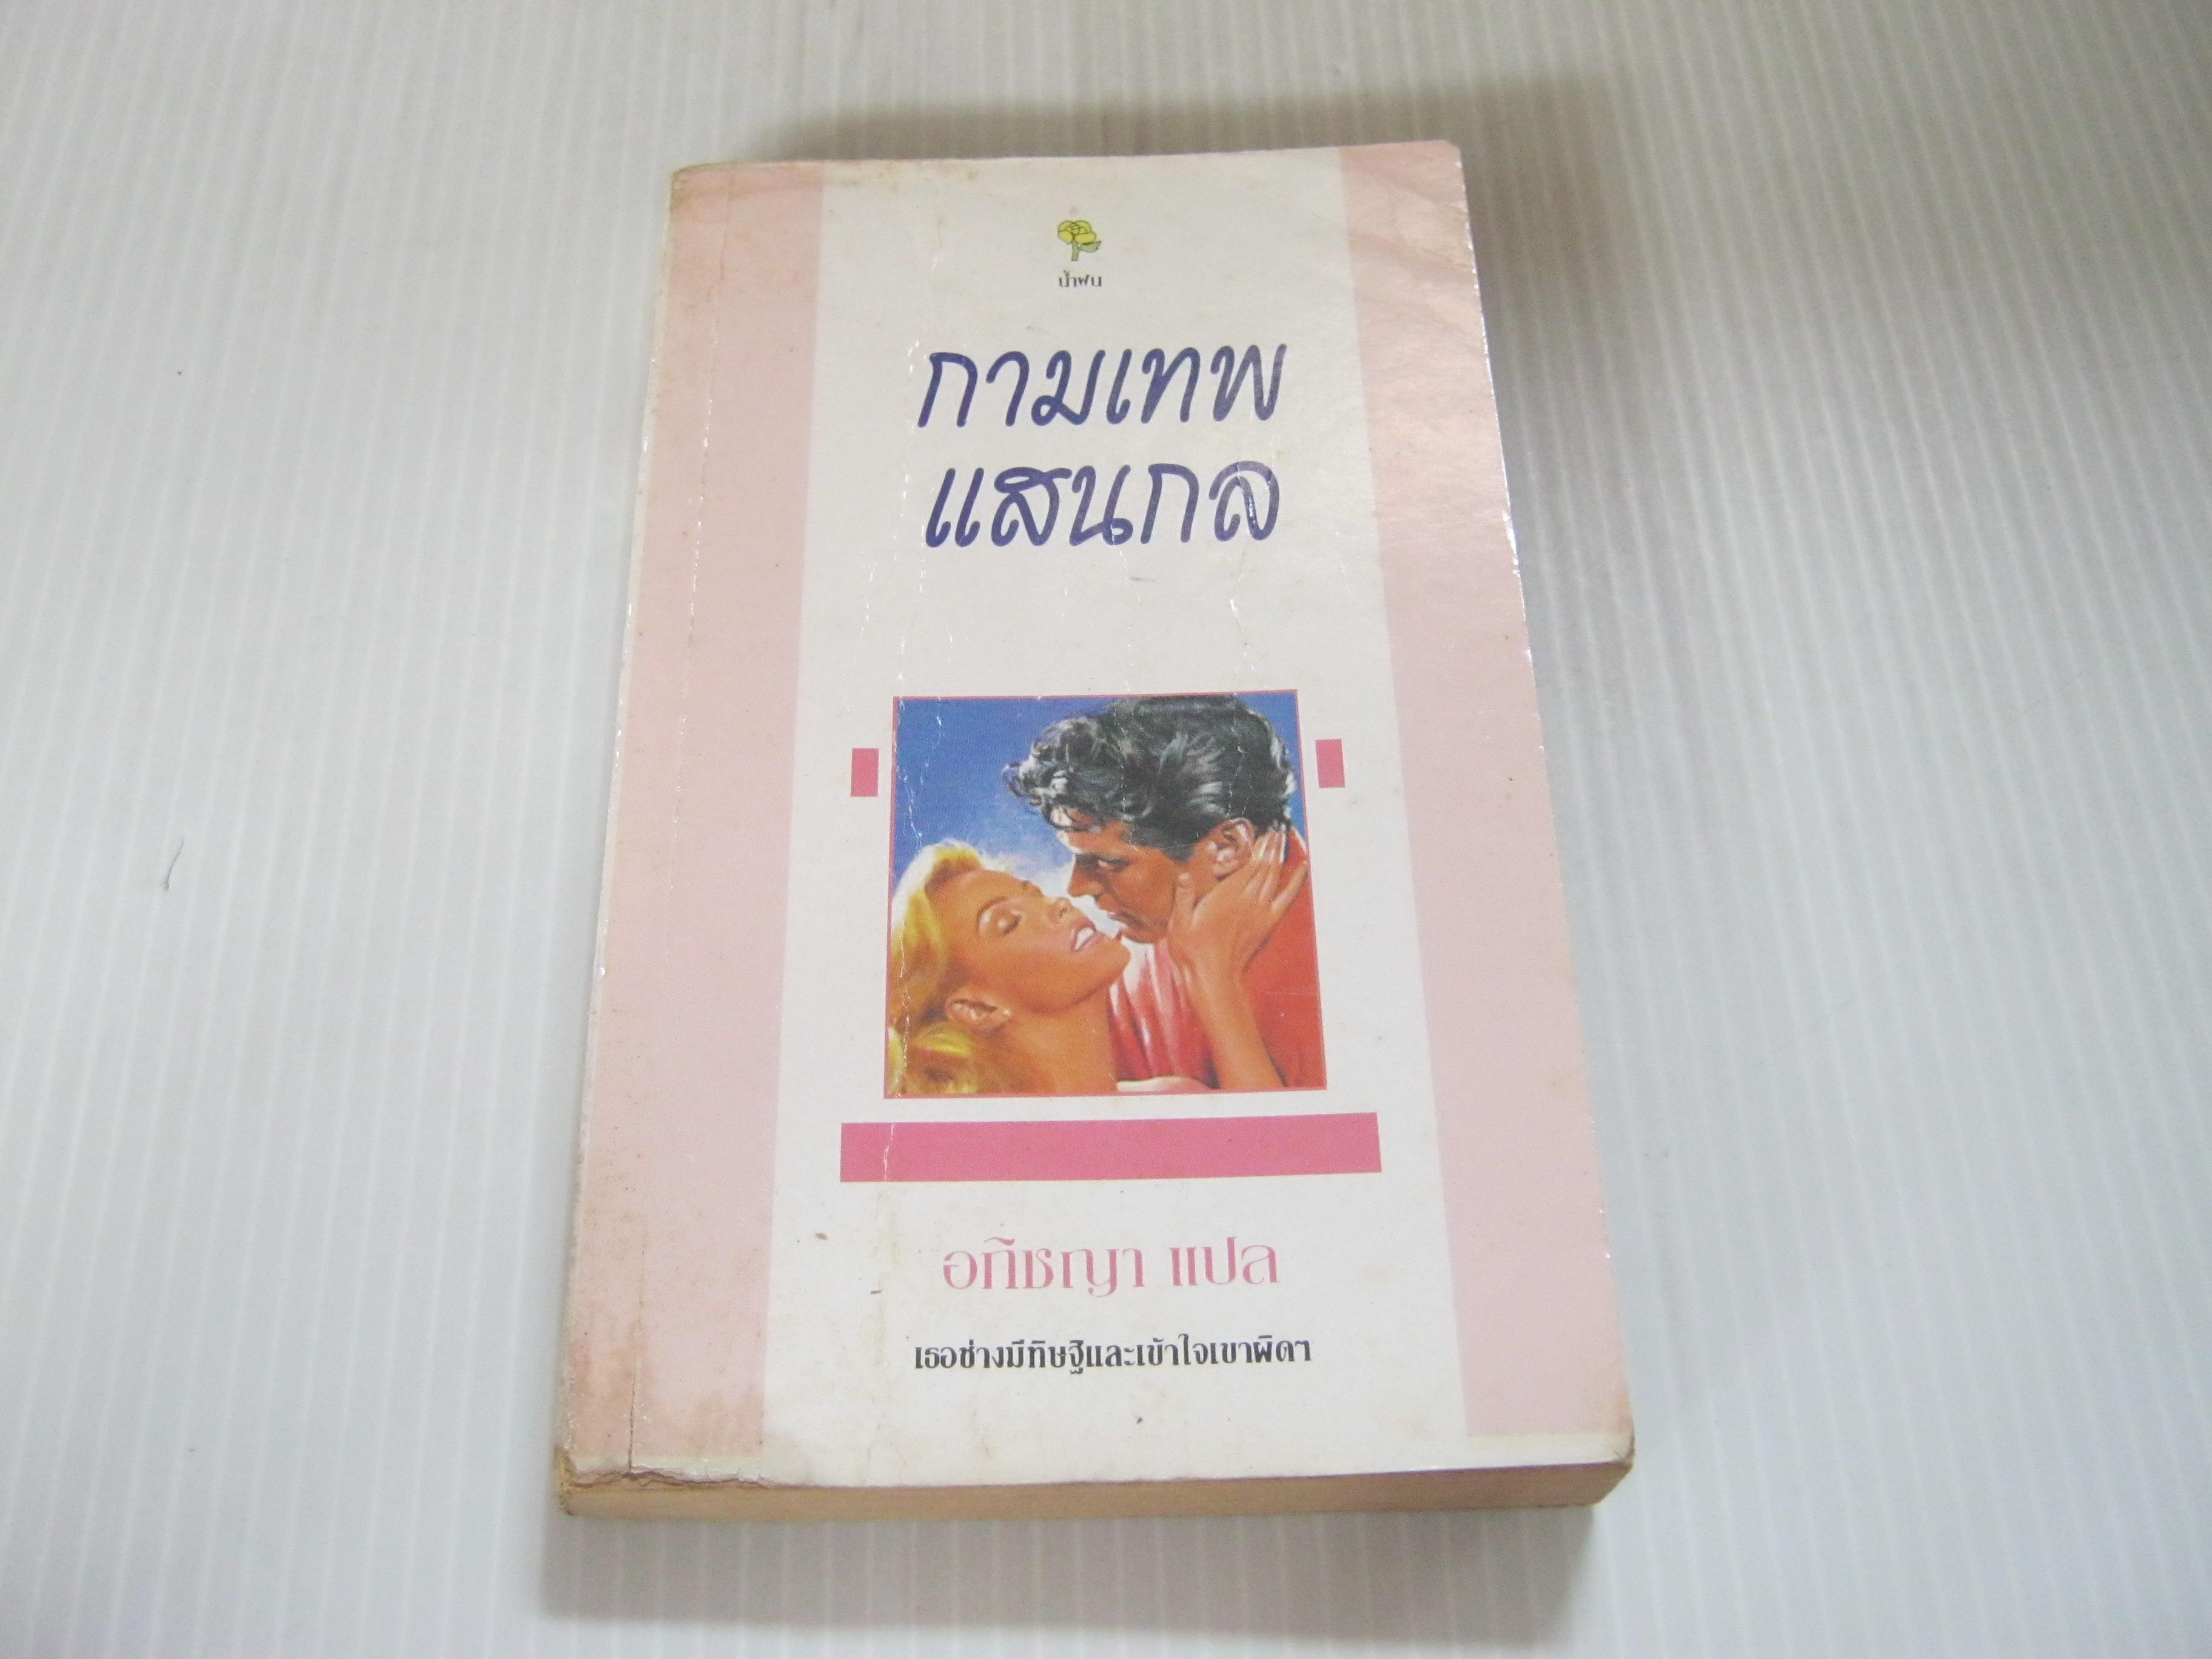 กามเทพแสนกล ชาร์ลอตต์ แลมป์ เขียน อภิชญา แปล